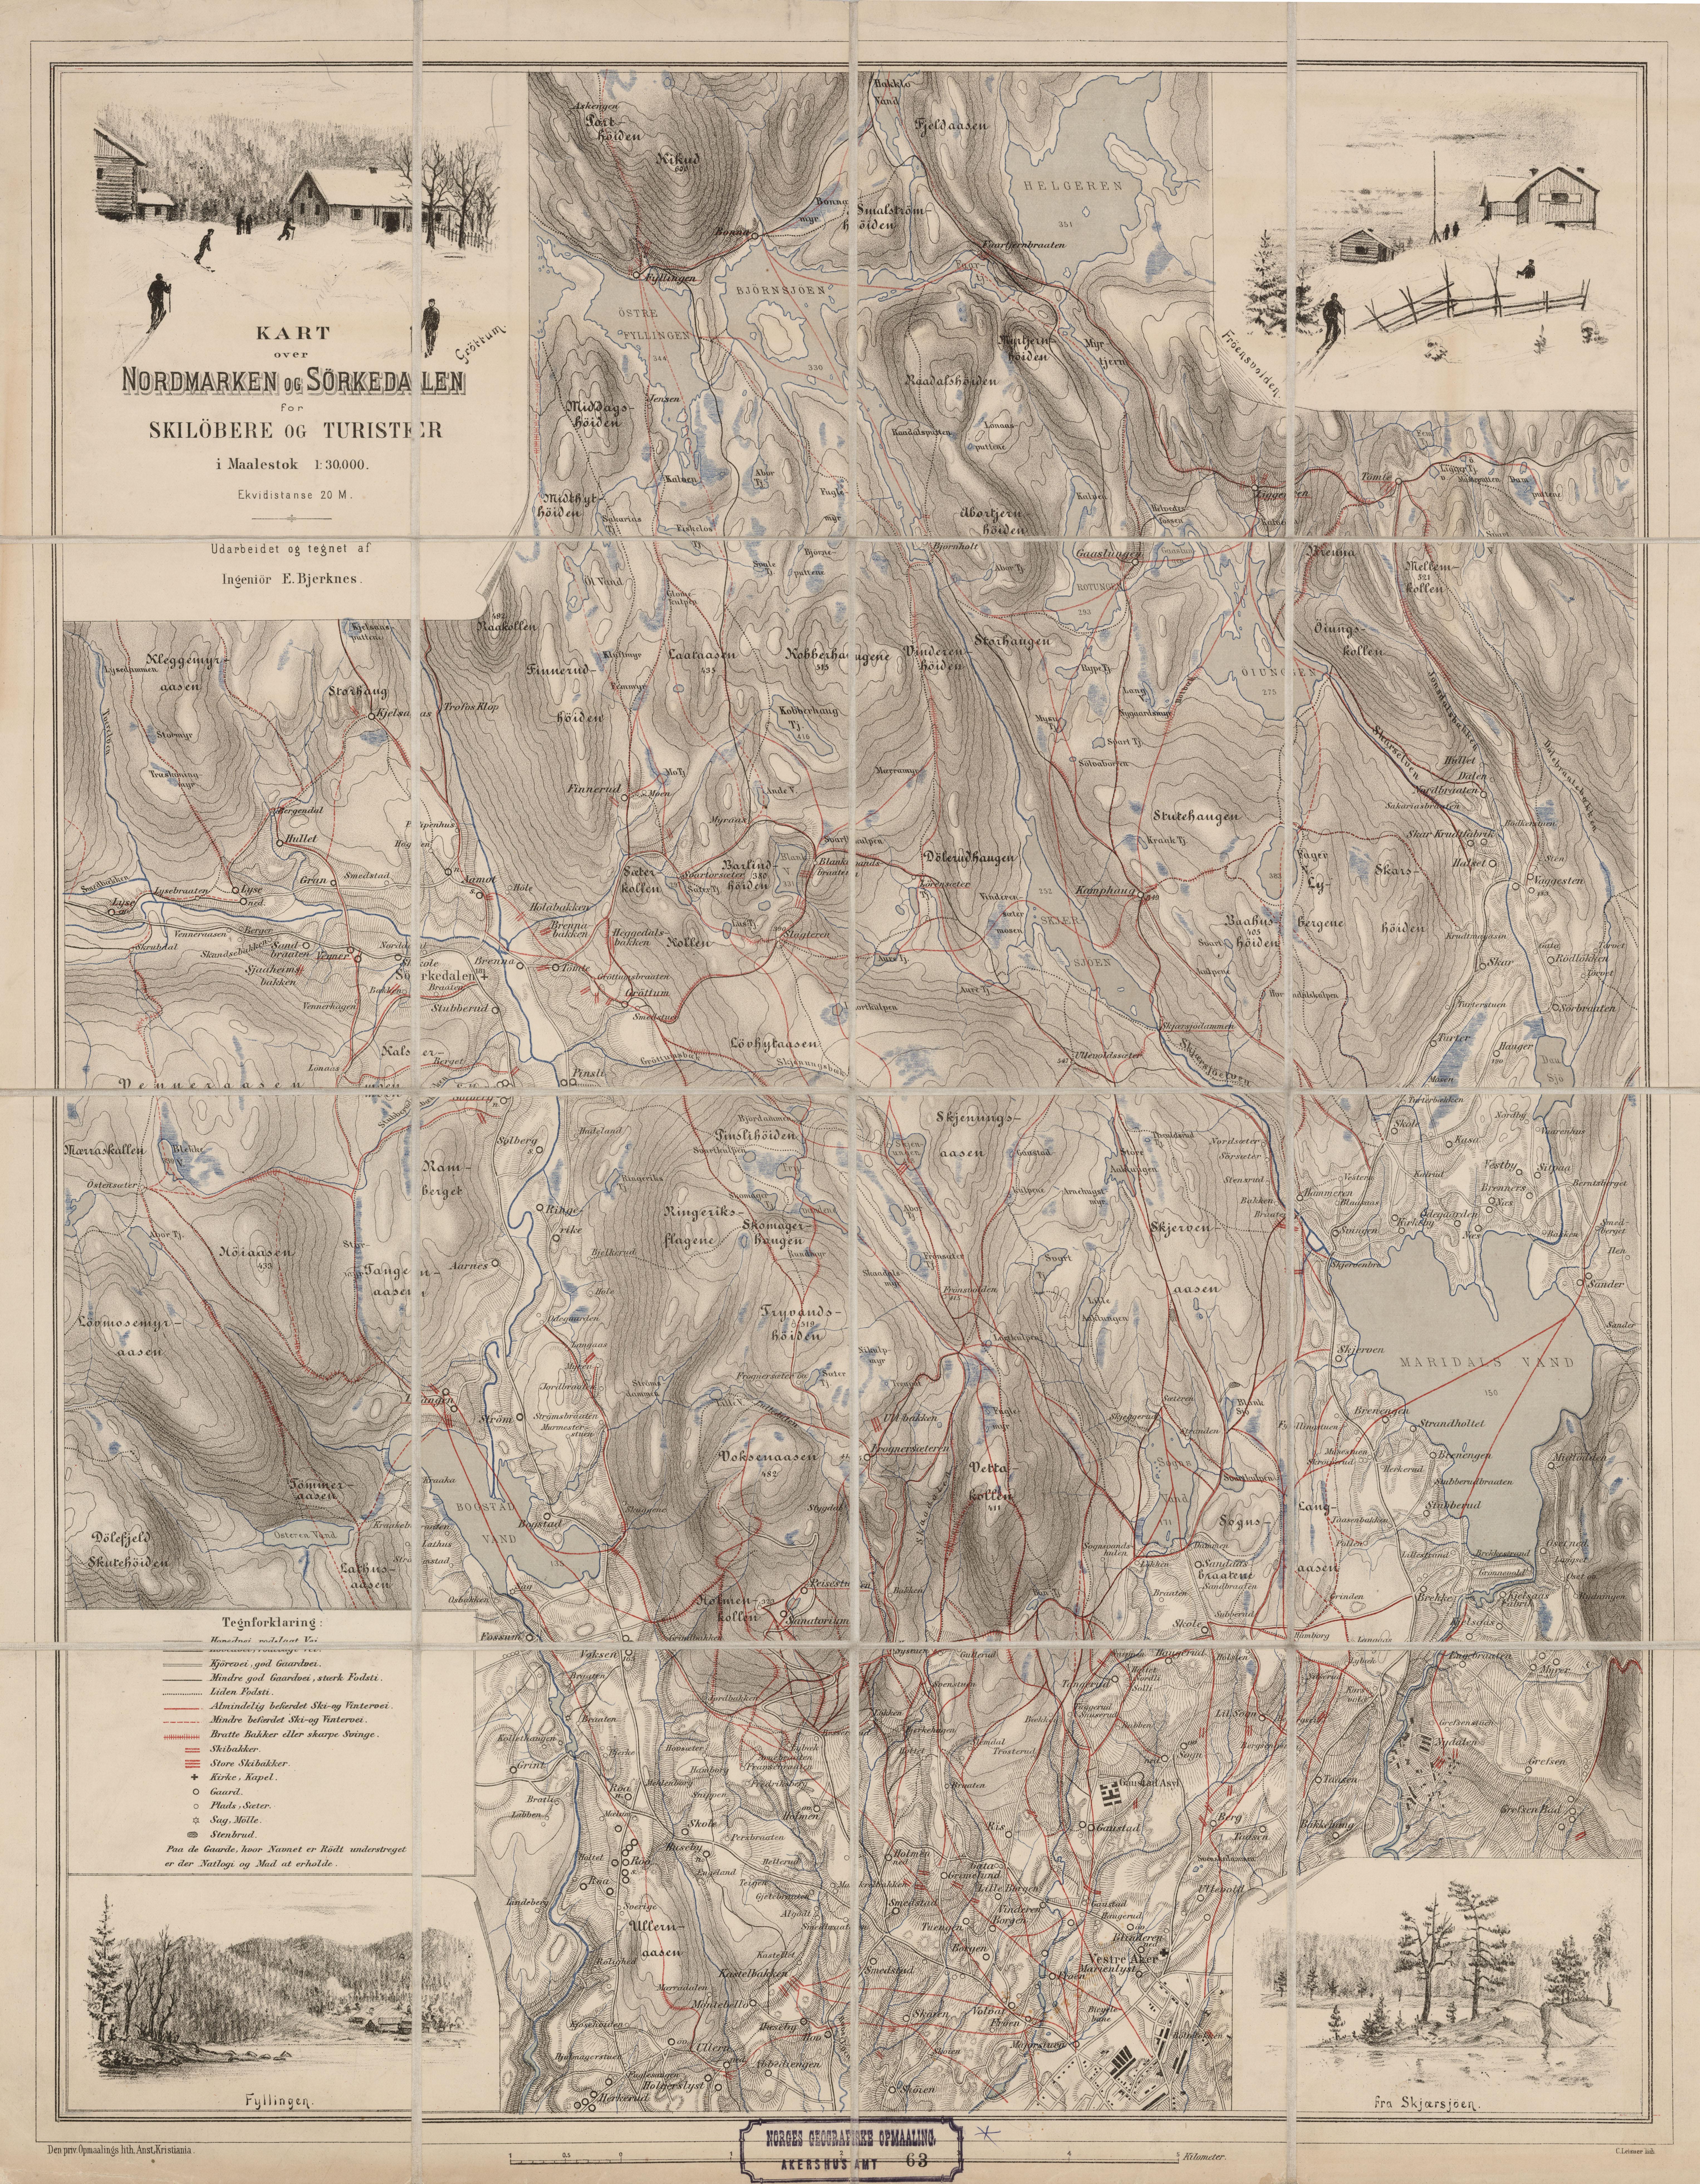 kart sørkedalen File:Akershus amt nr 63  Kart over Nordmarken og Sørkedalen, 1890  kart sørkedalen